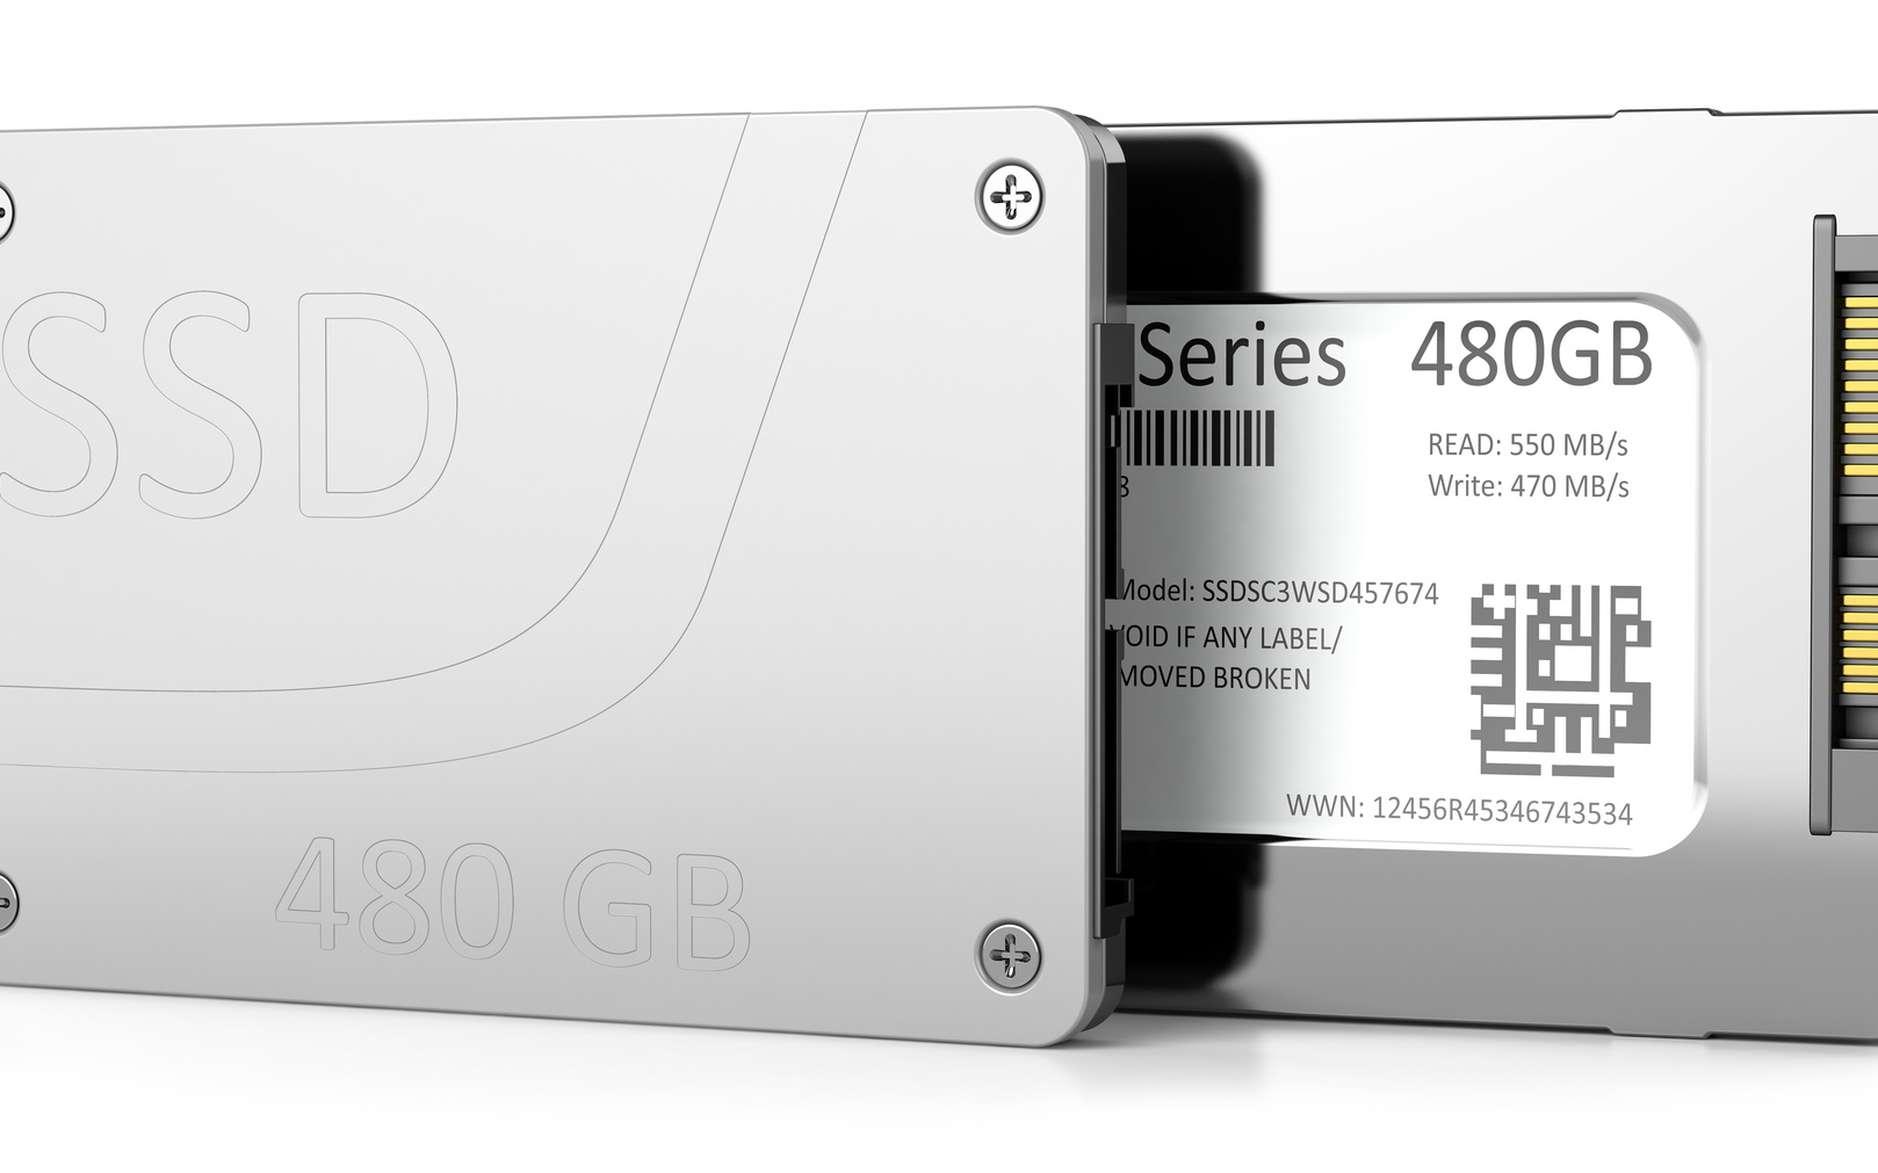 Le SSD offre des performances plus élevées qu'un disque dur tout en consommant moins d'énergie. Sa durée de vie est toutefois plus réduite. © P.S, fotolia